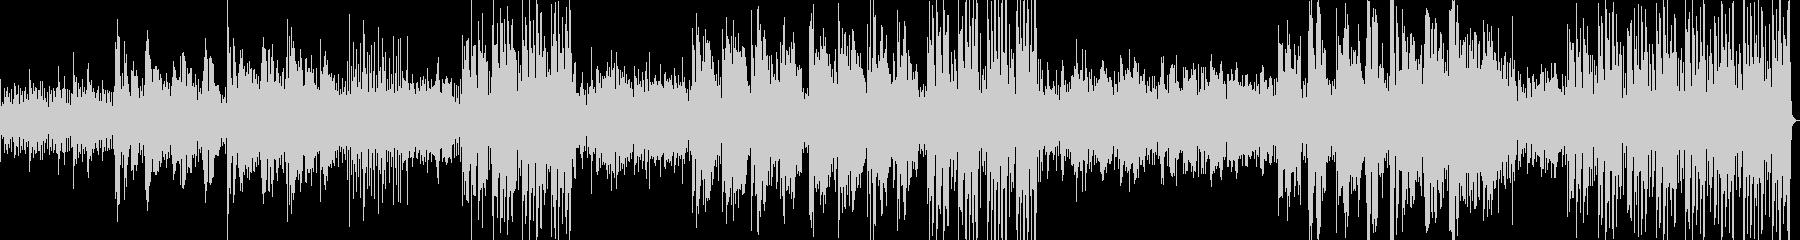 ソロボーカルとアコースティックギタ...の未再生の波形